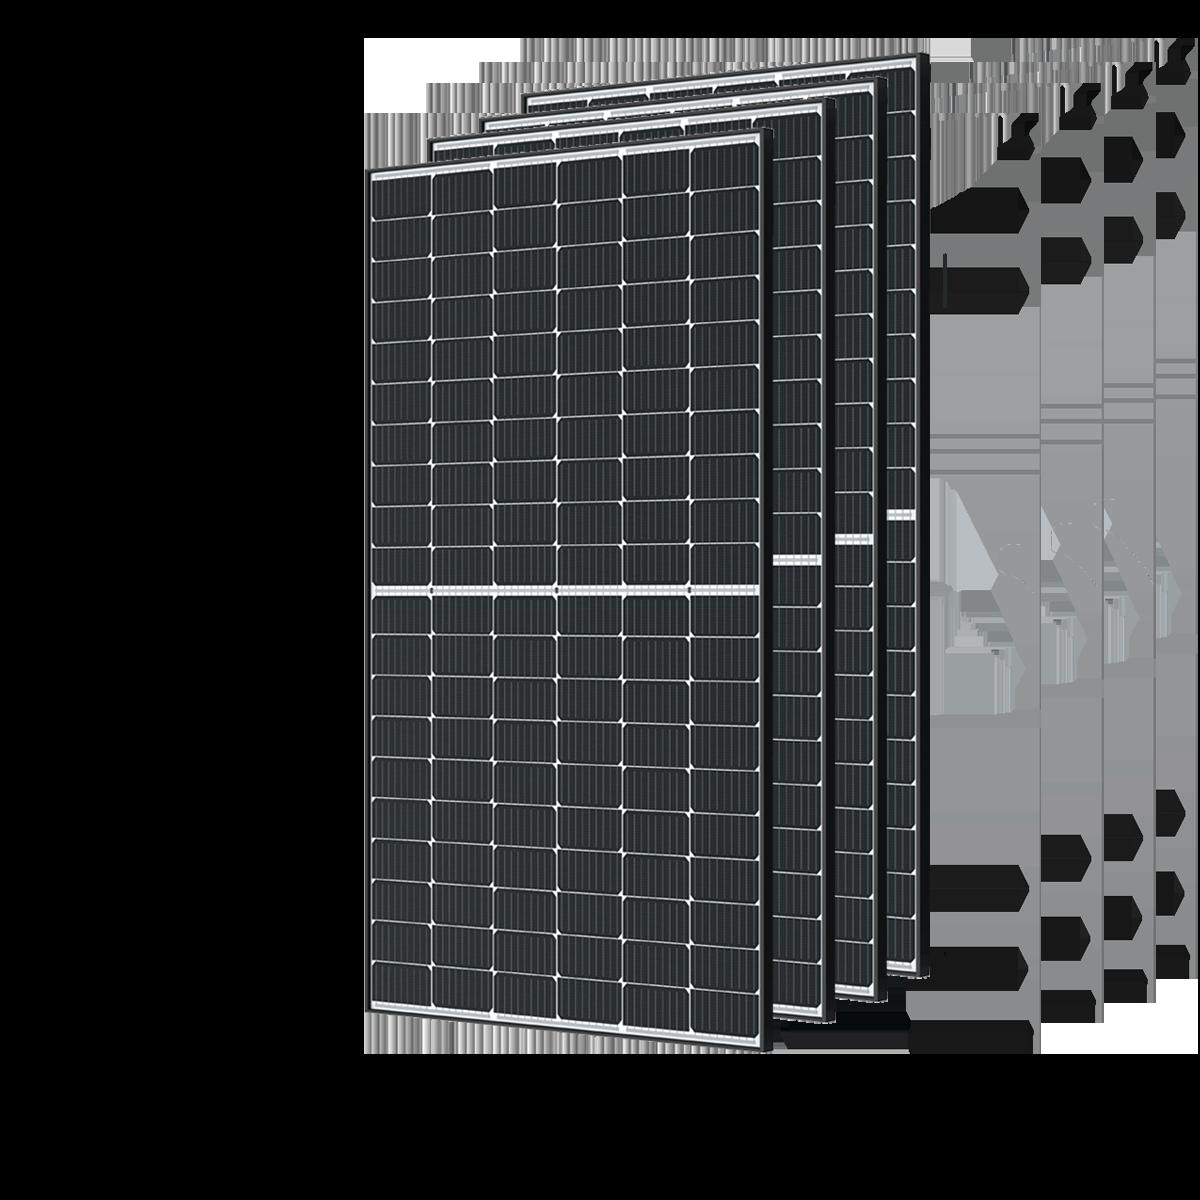 paneaux solaires monocristalins x4